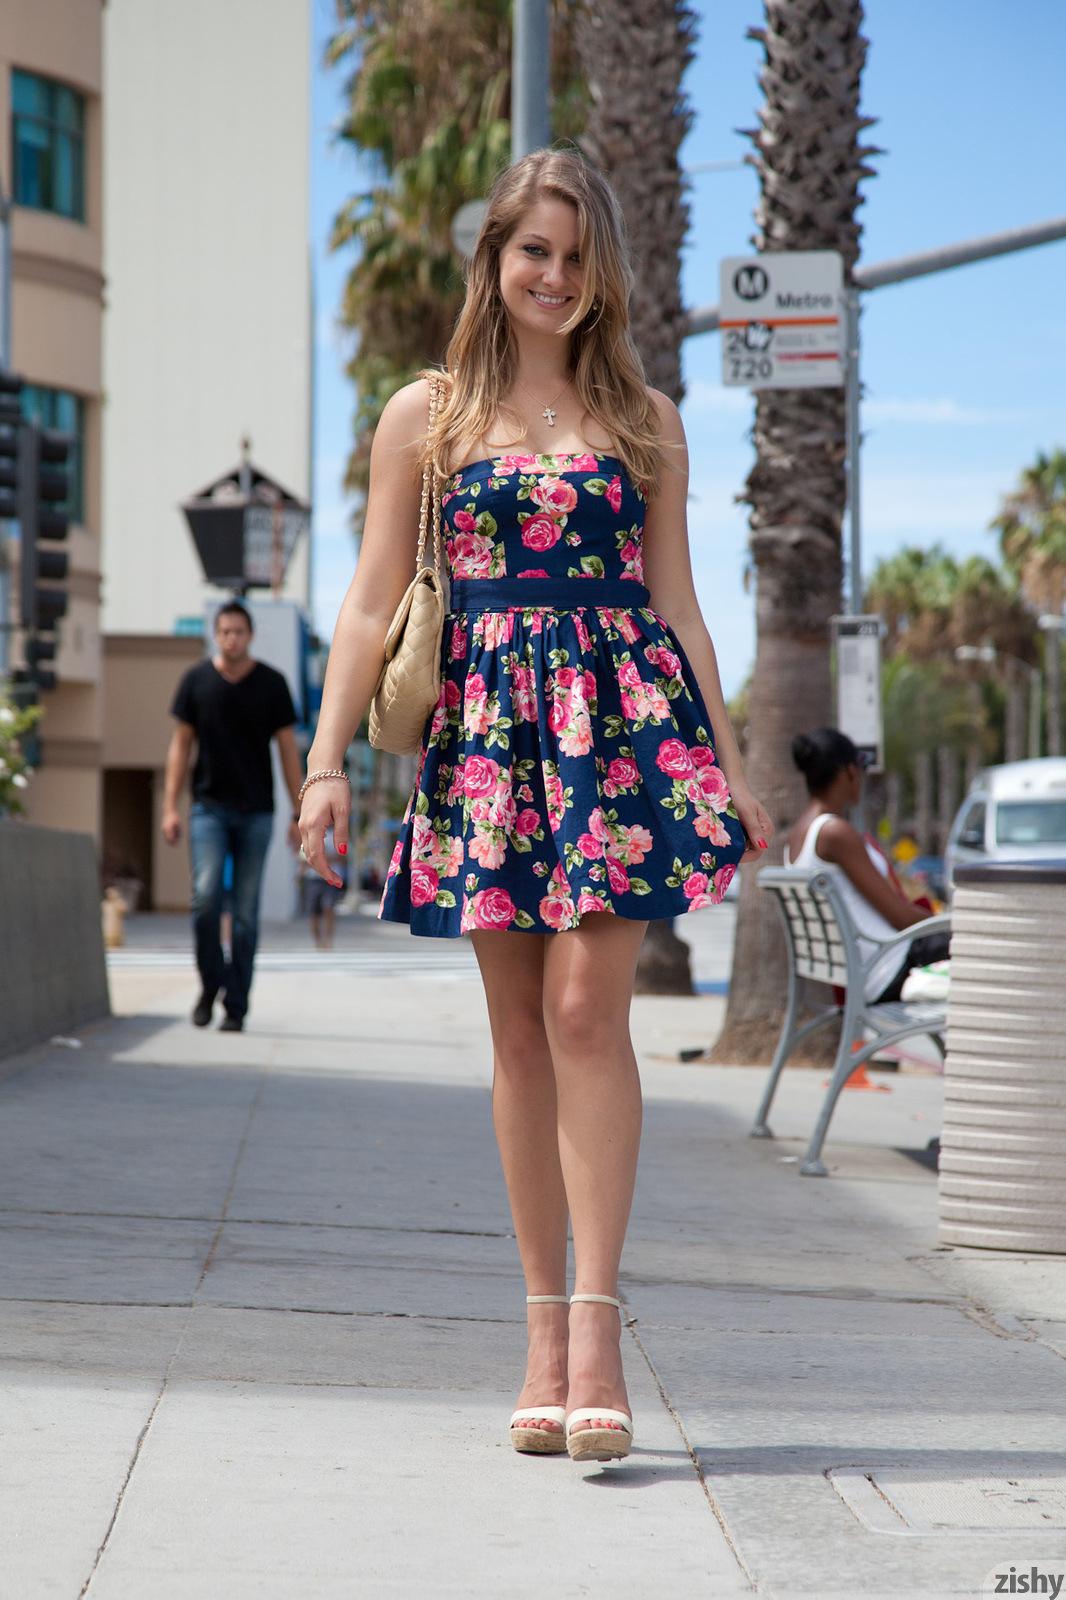 Приподняла платье фото 1 фотография